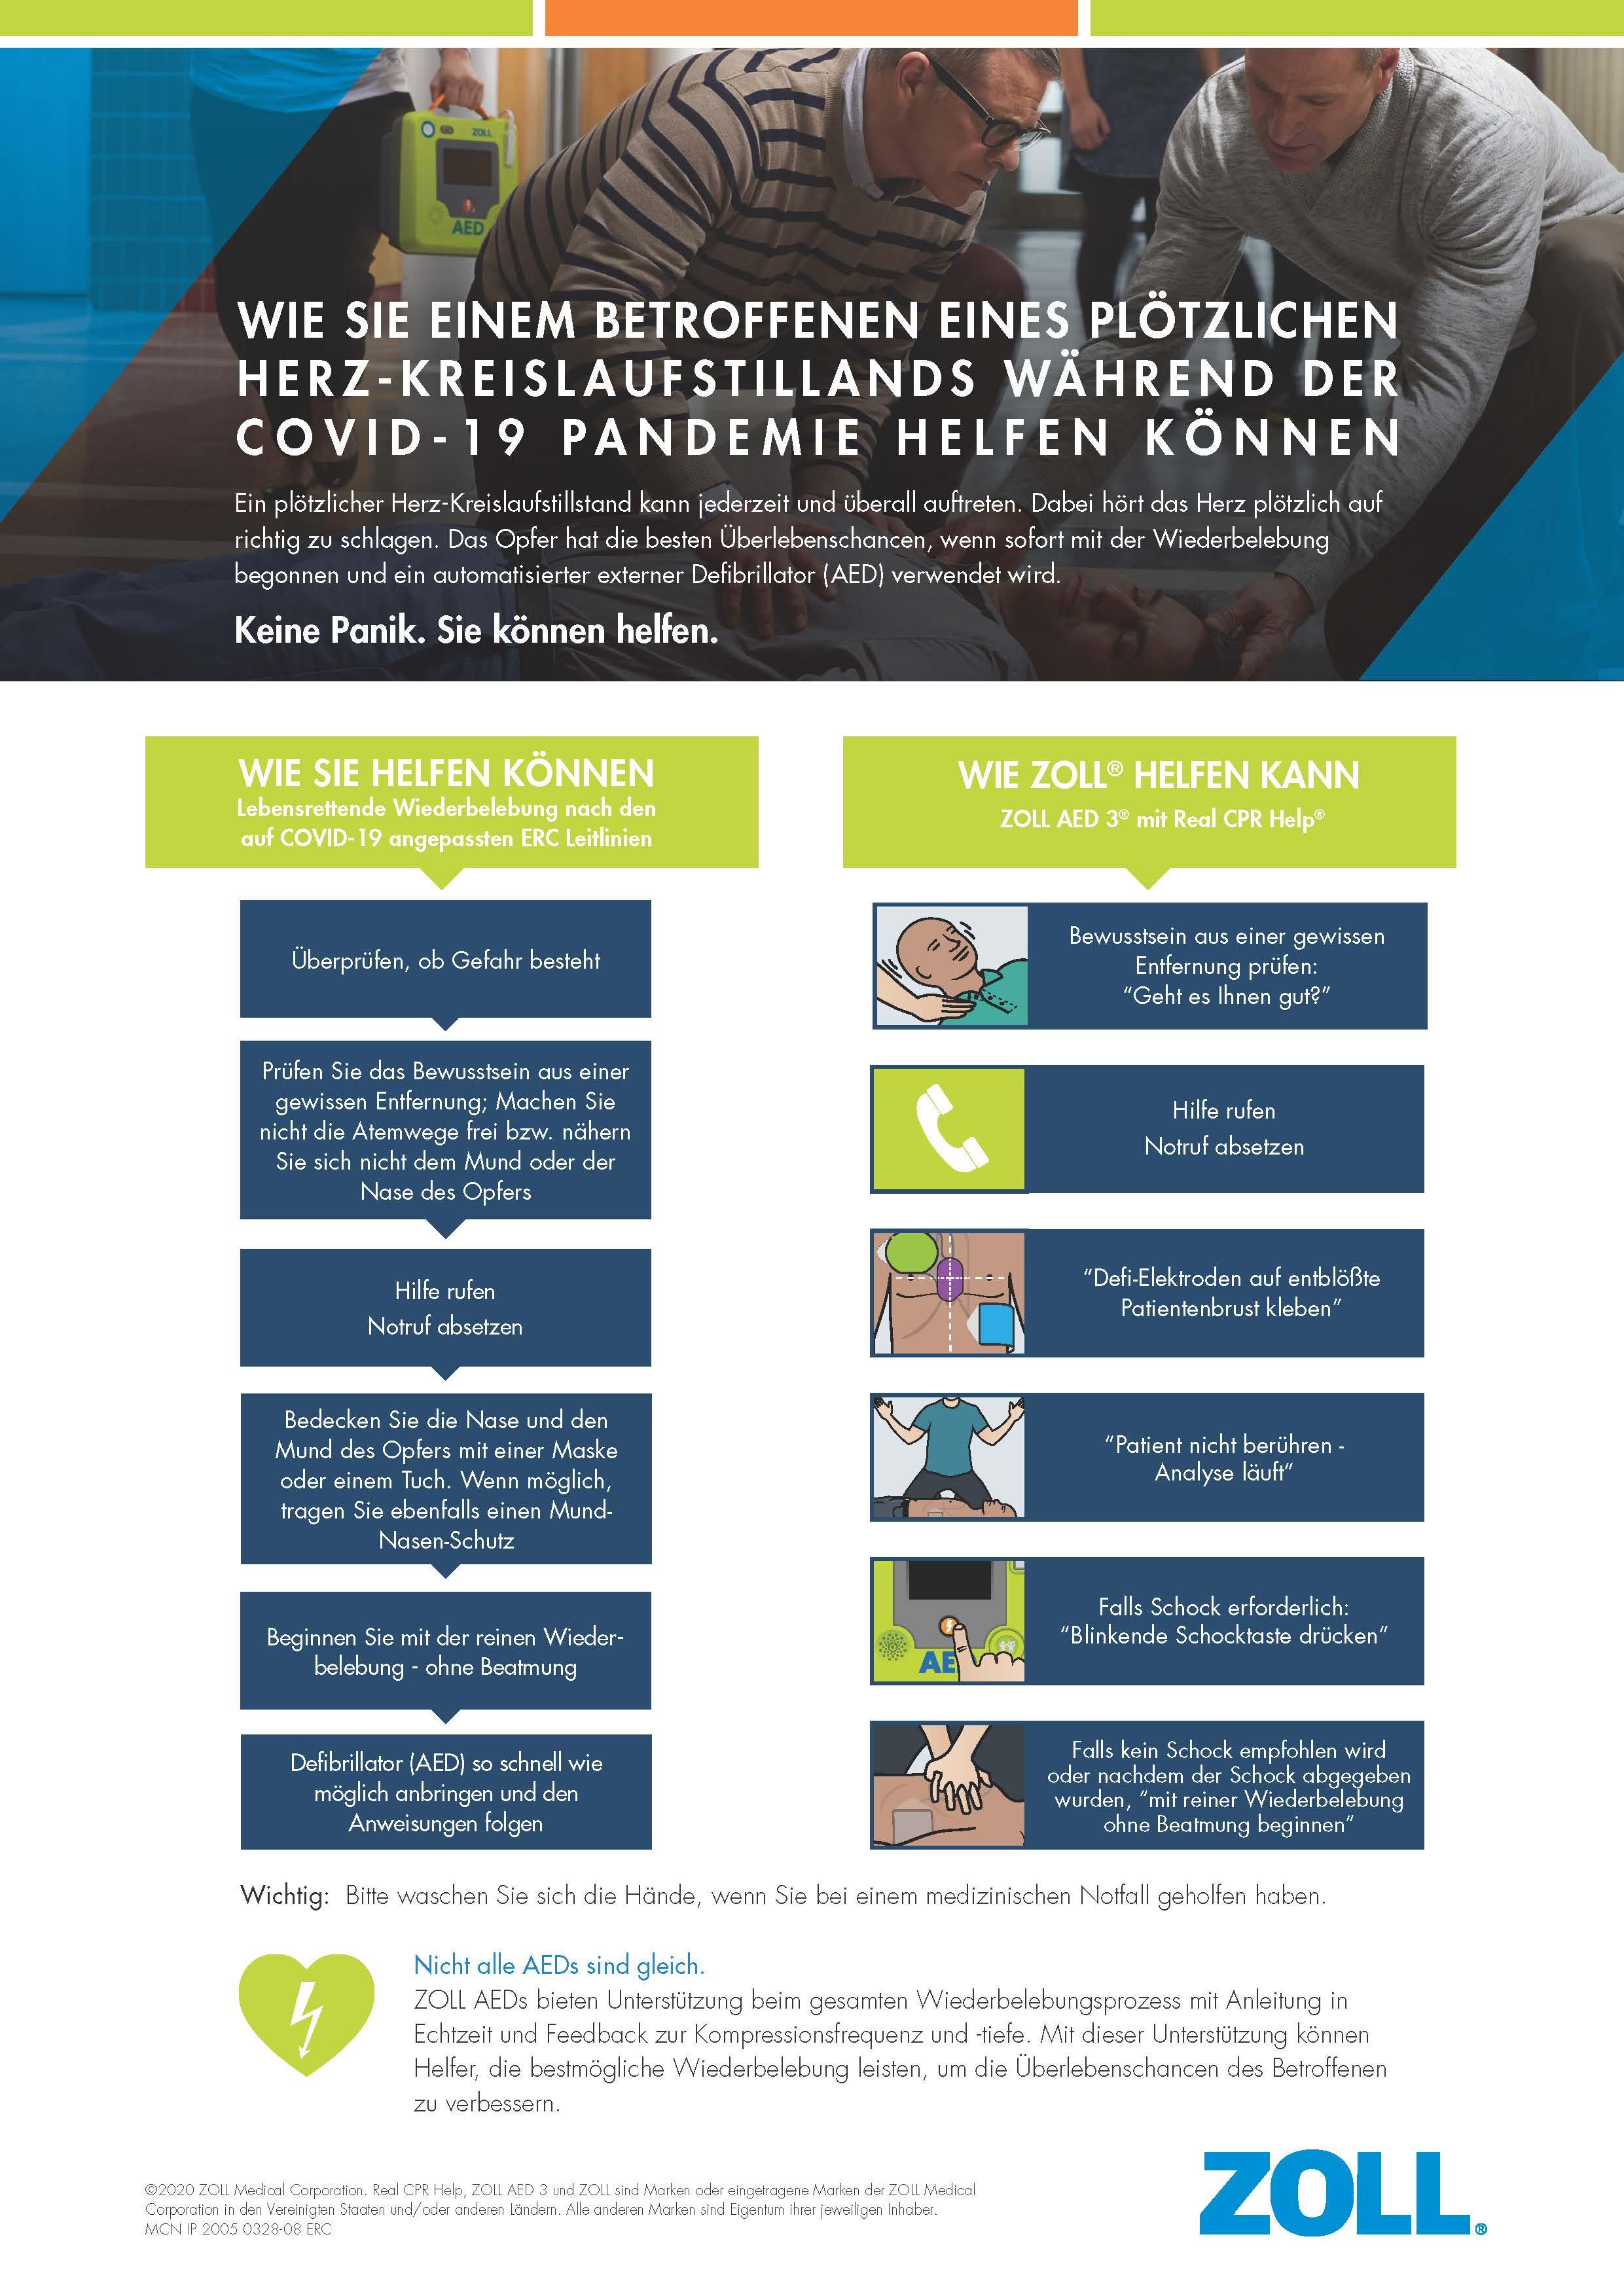 Wie Sie einem Betroffenen mit plötzlichen Herz-Kreislaufstillstand während COVID-19 helfen können